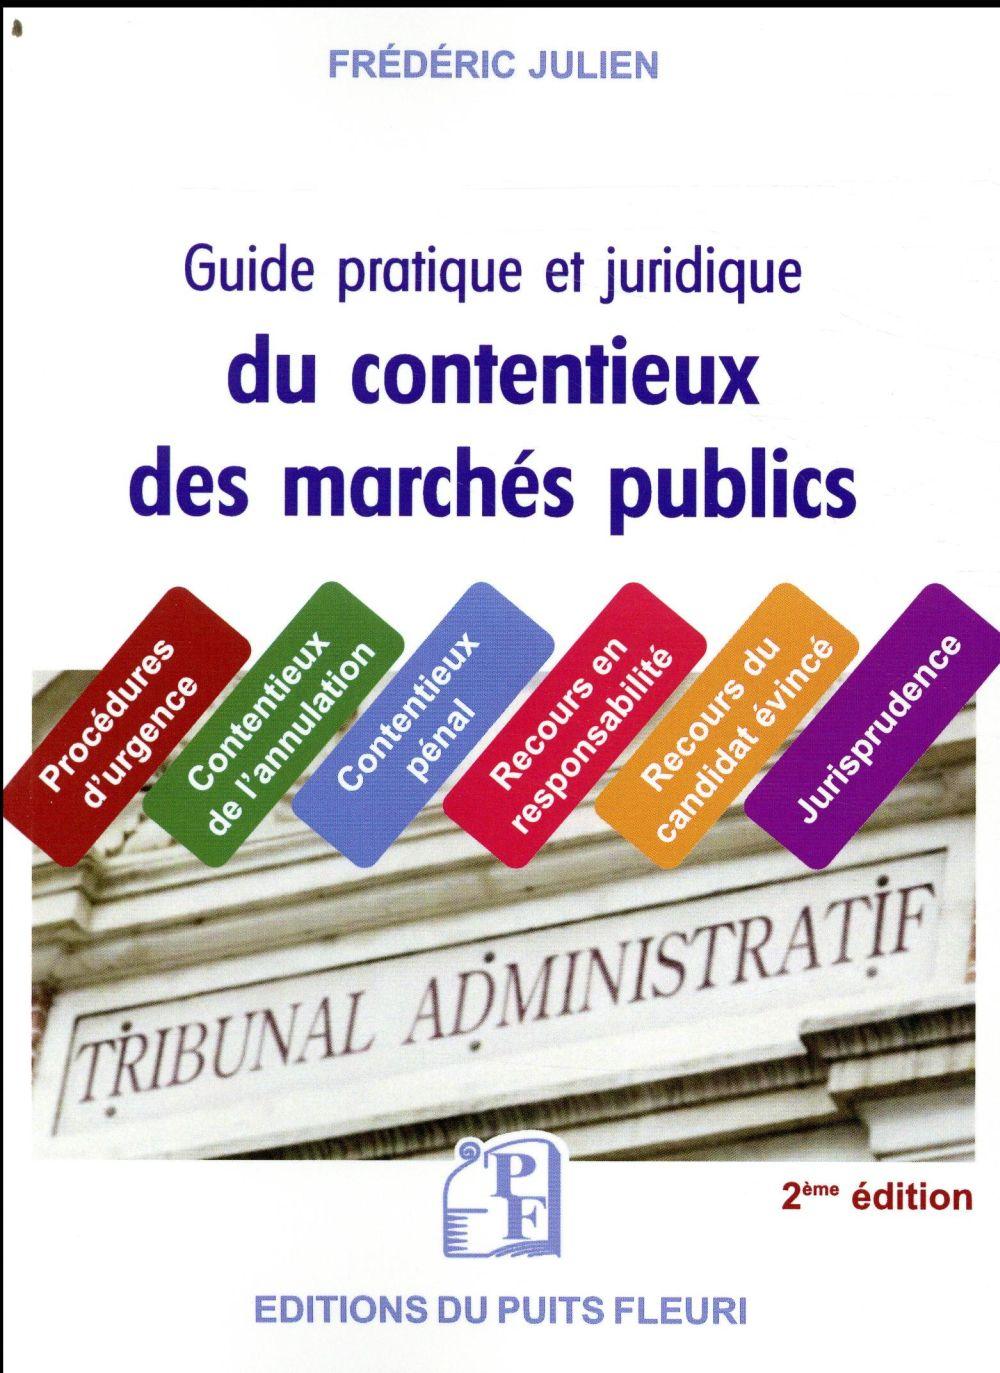 GUIDE JURIDIQUE ET PRATIQUE DU CONTENTIEUX DES MARCHES PUBLICS